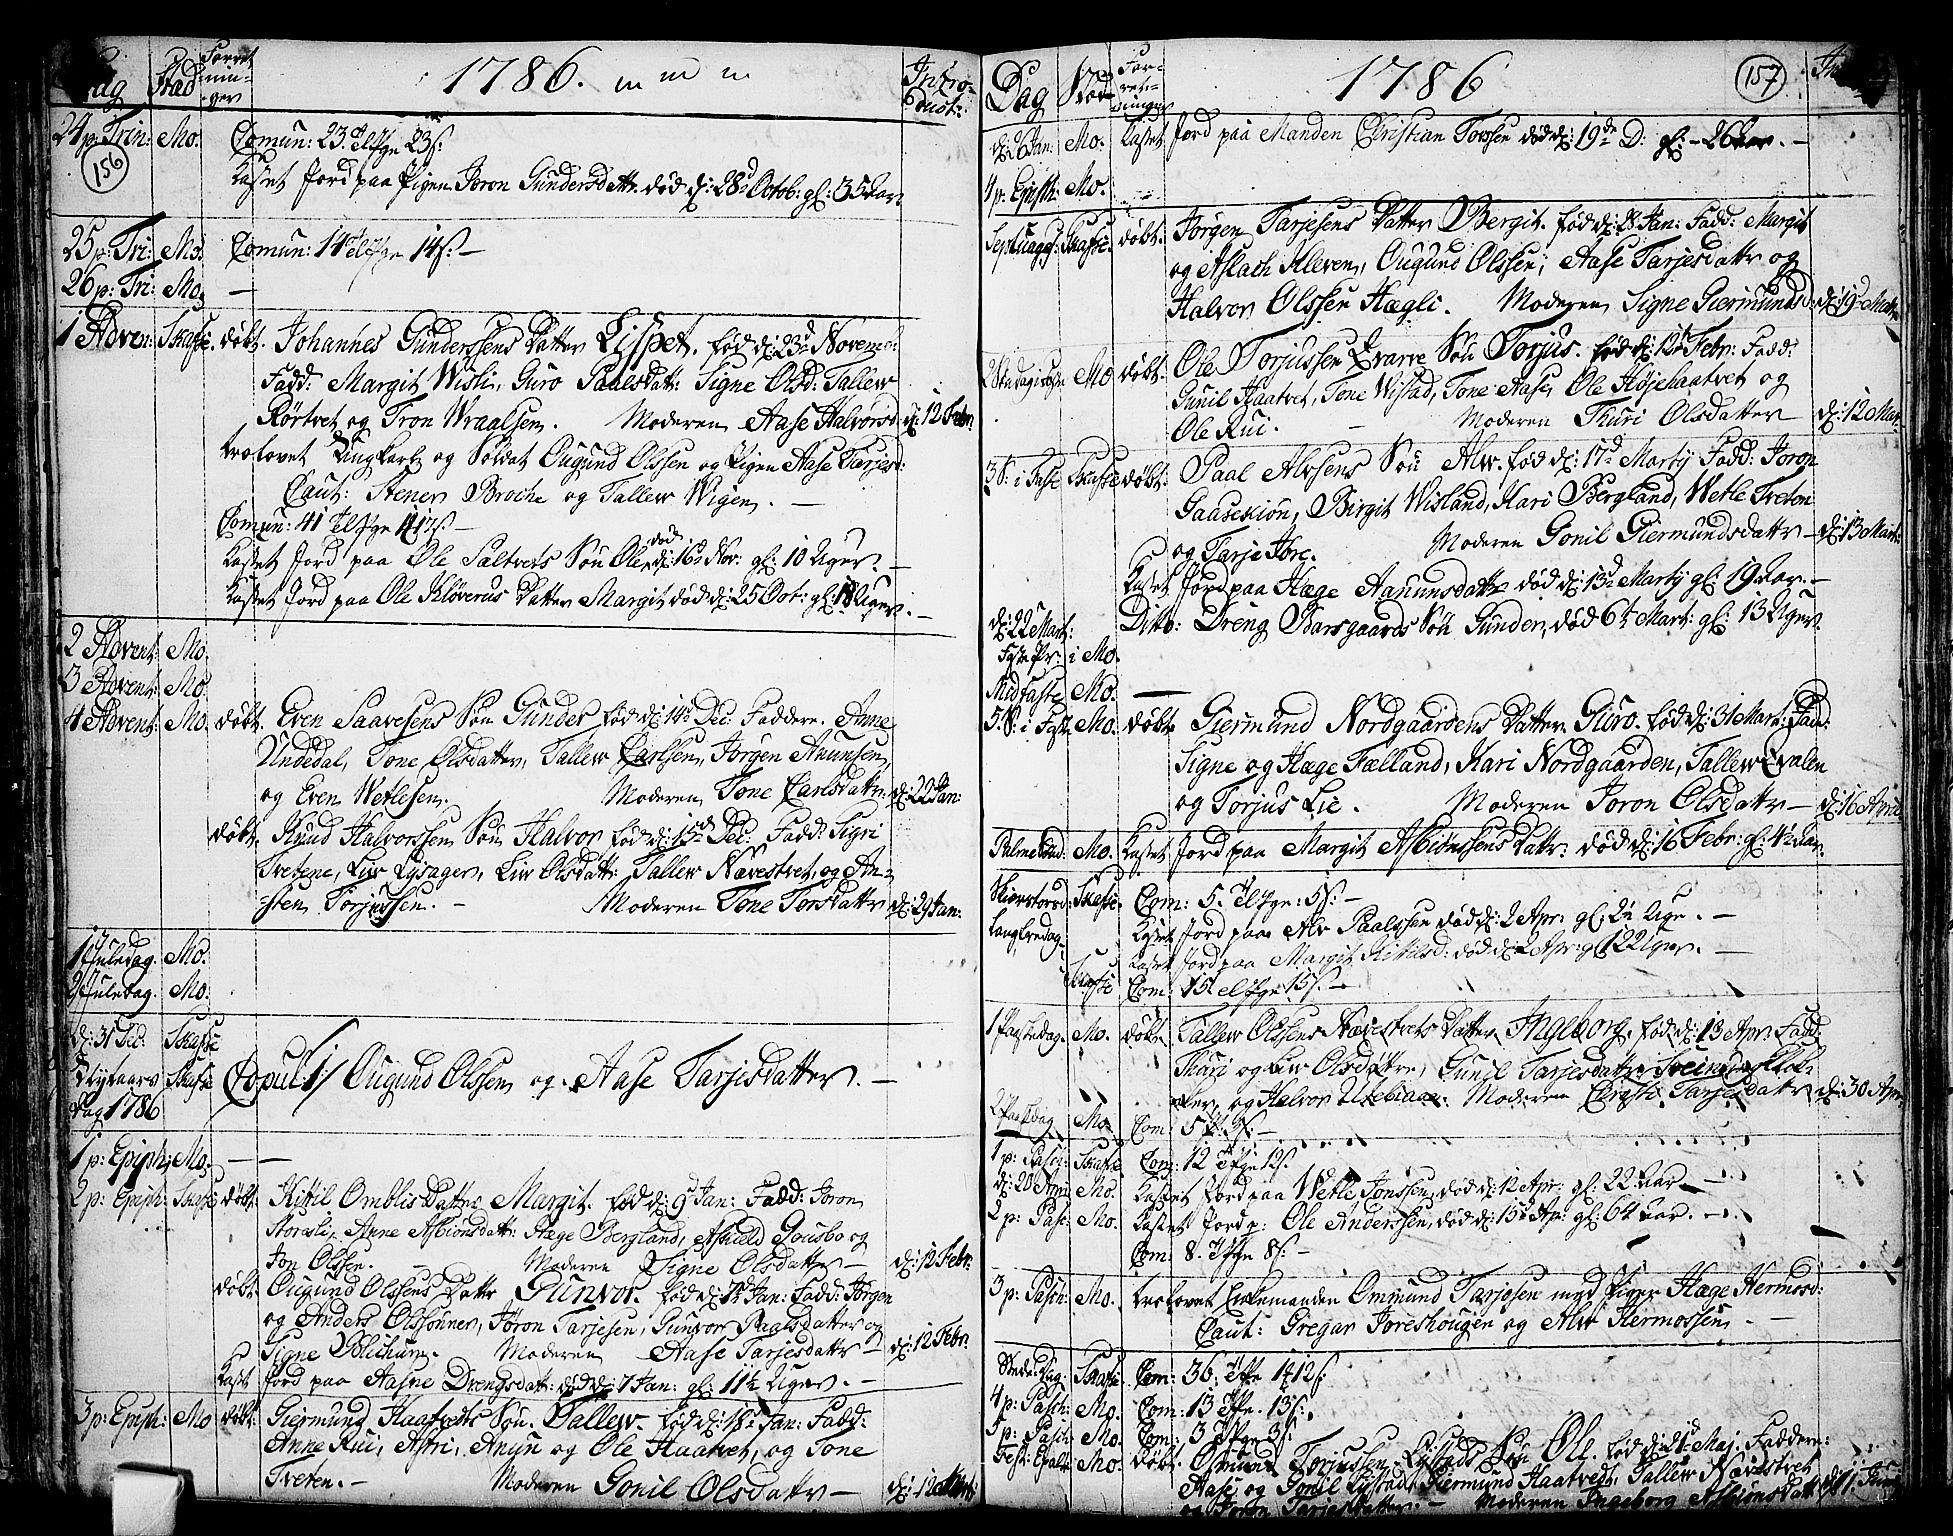 SAKO, Mo kirkebøker, F/Fa/L0002: Ministerialbok nr. I 2, 1766-1799, s. 156-157